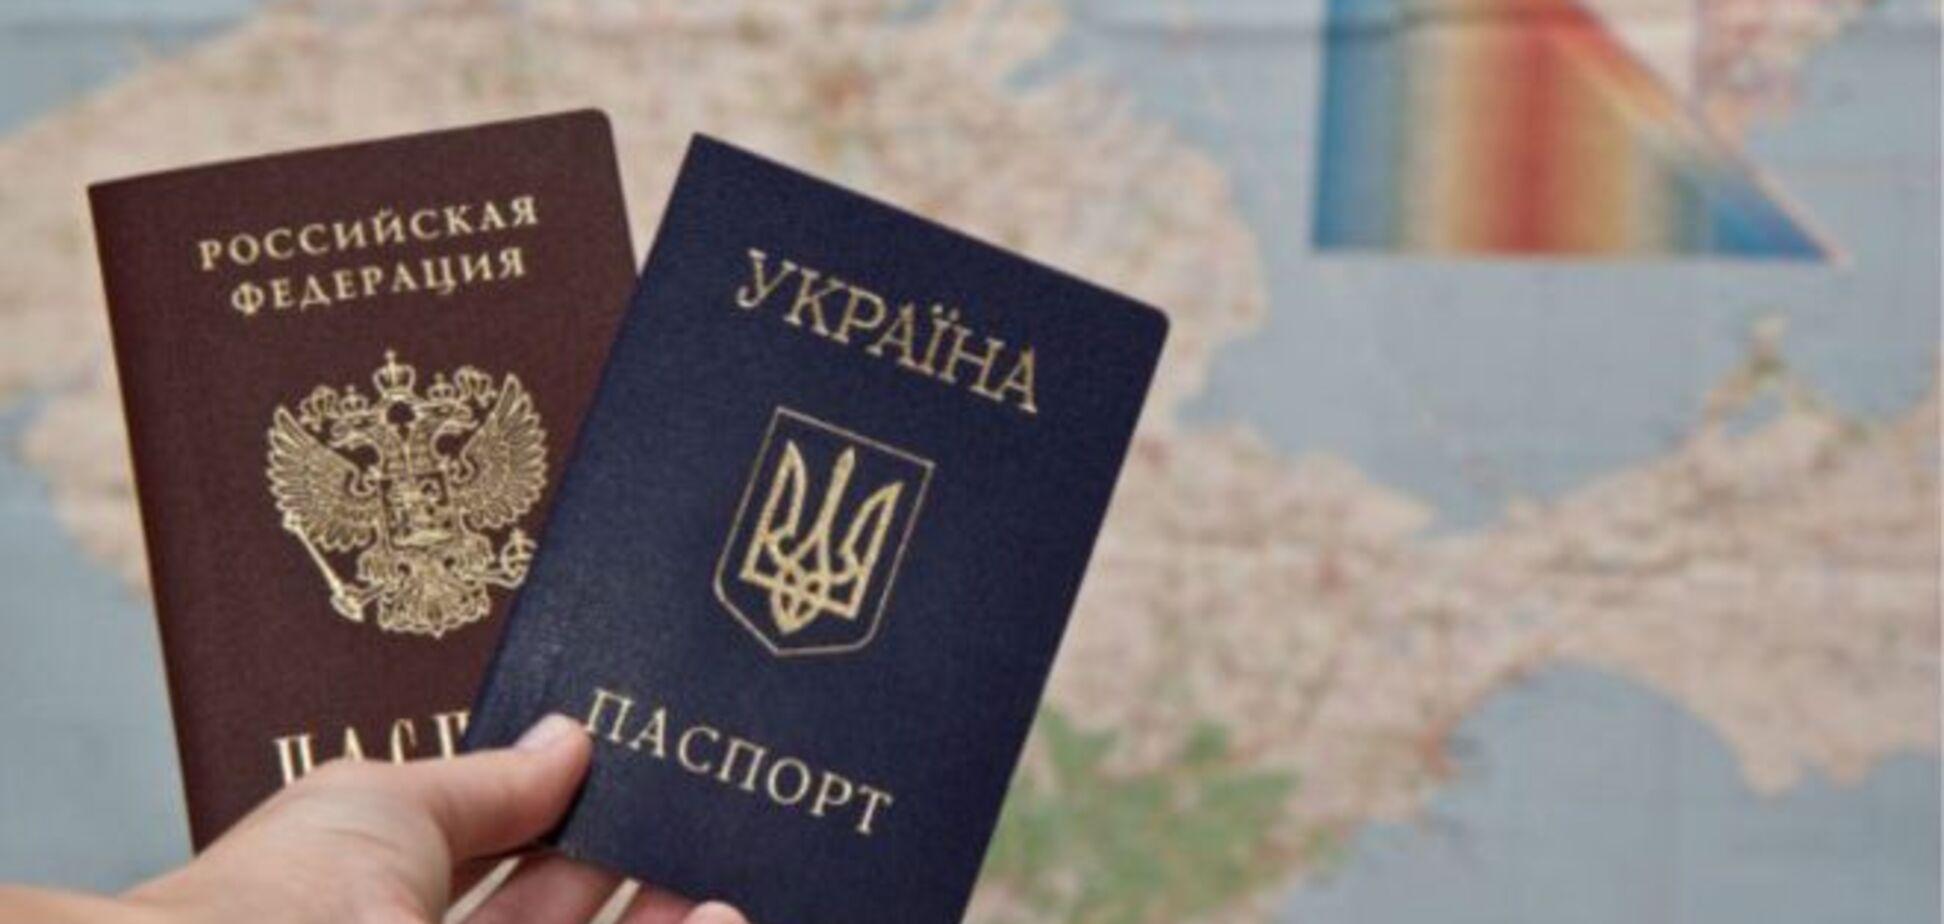 Брати приклад з РФ? Російський журналіст висловився щодо набуття громадянства України